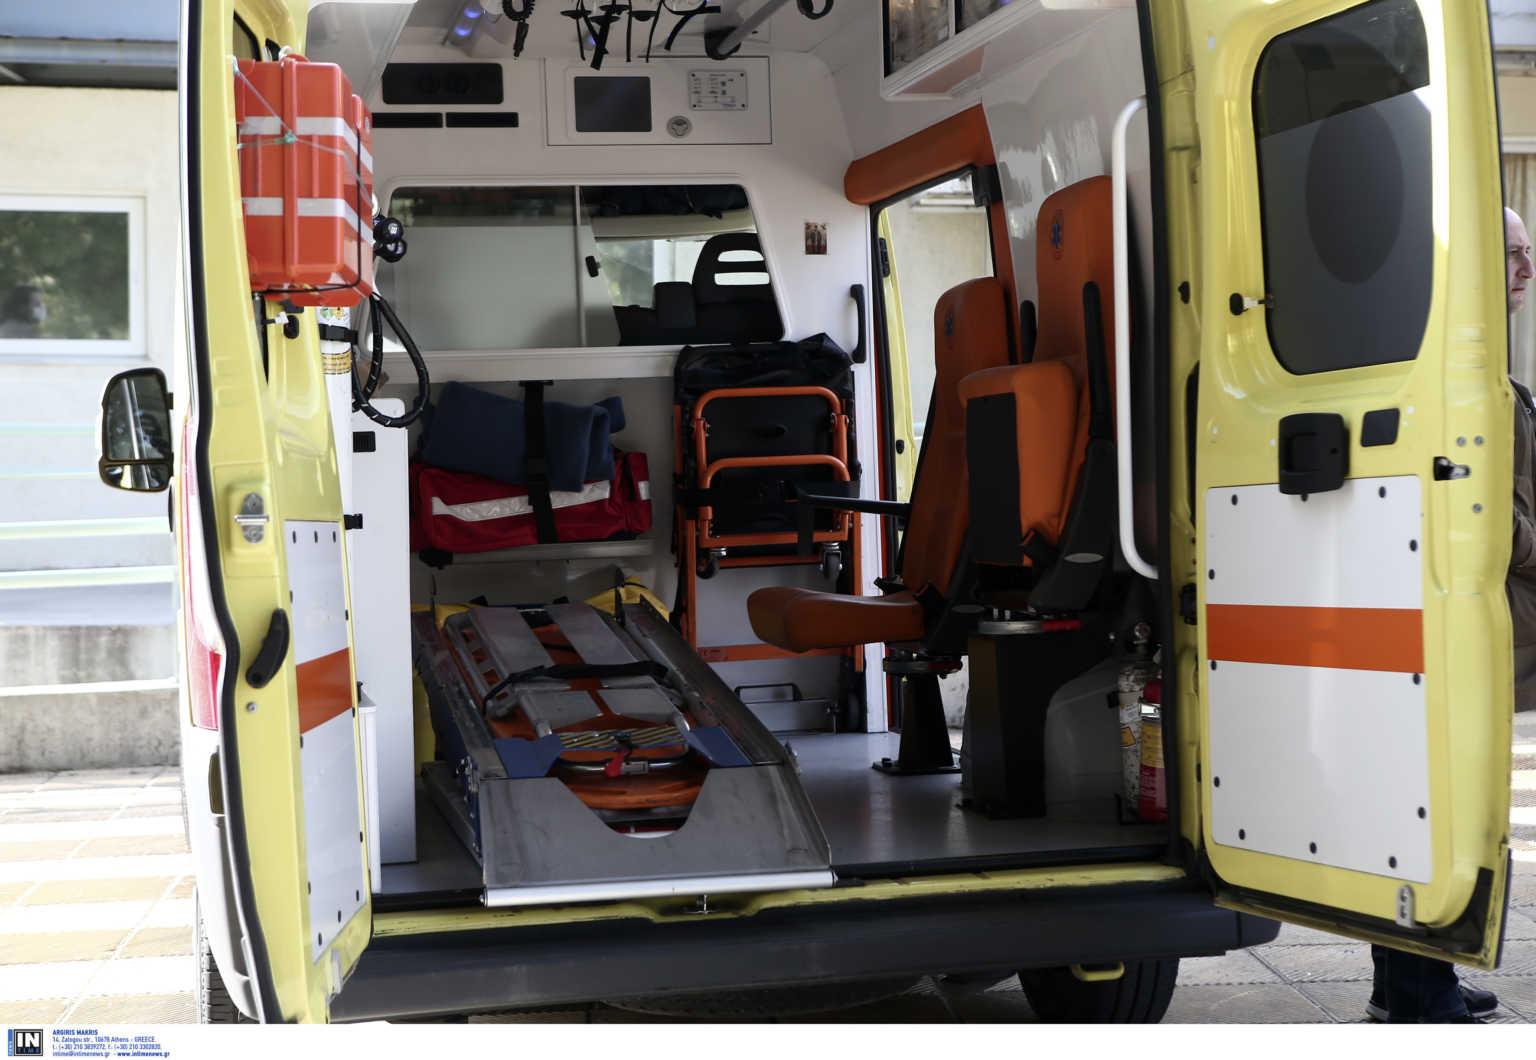 Ηλεία: Συγκλονίζει ο θάνατος 12χρονου παιδιού! Κατέρρευσε μπροστά στους γονείς του